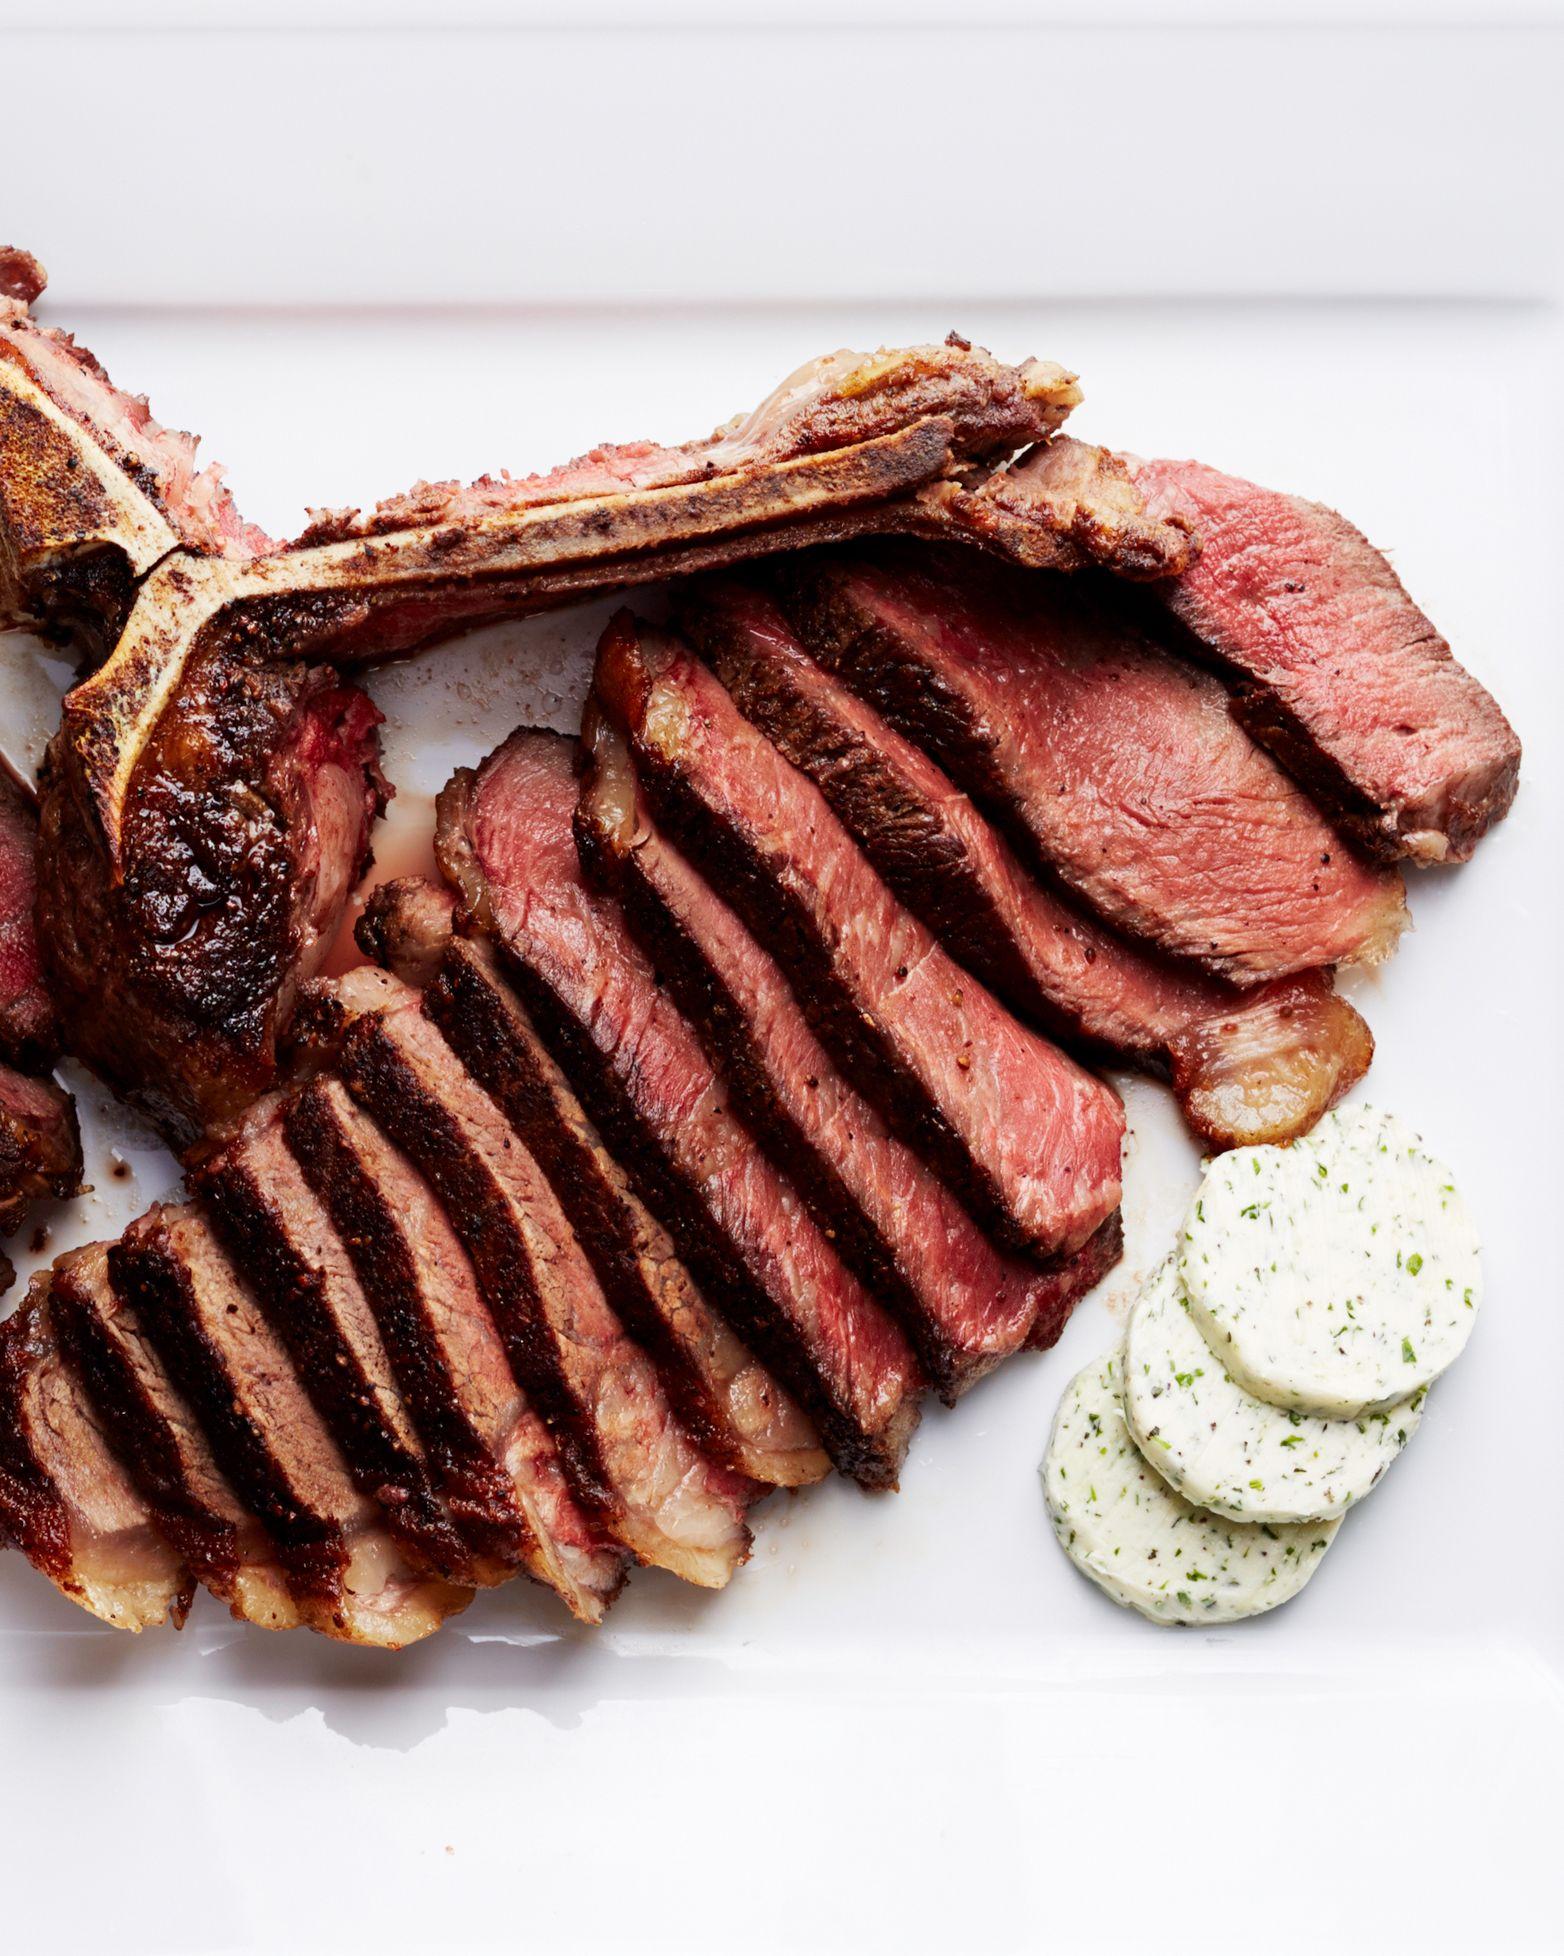 Seared Porterhouse Steak Recipe In 2020 Food Recipes Food Martha Stewart Cooking School